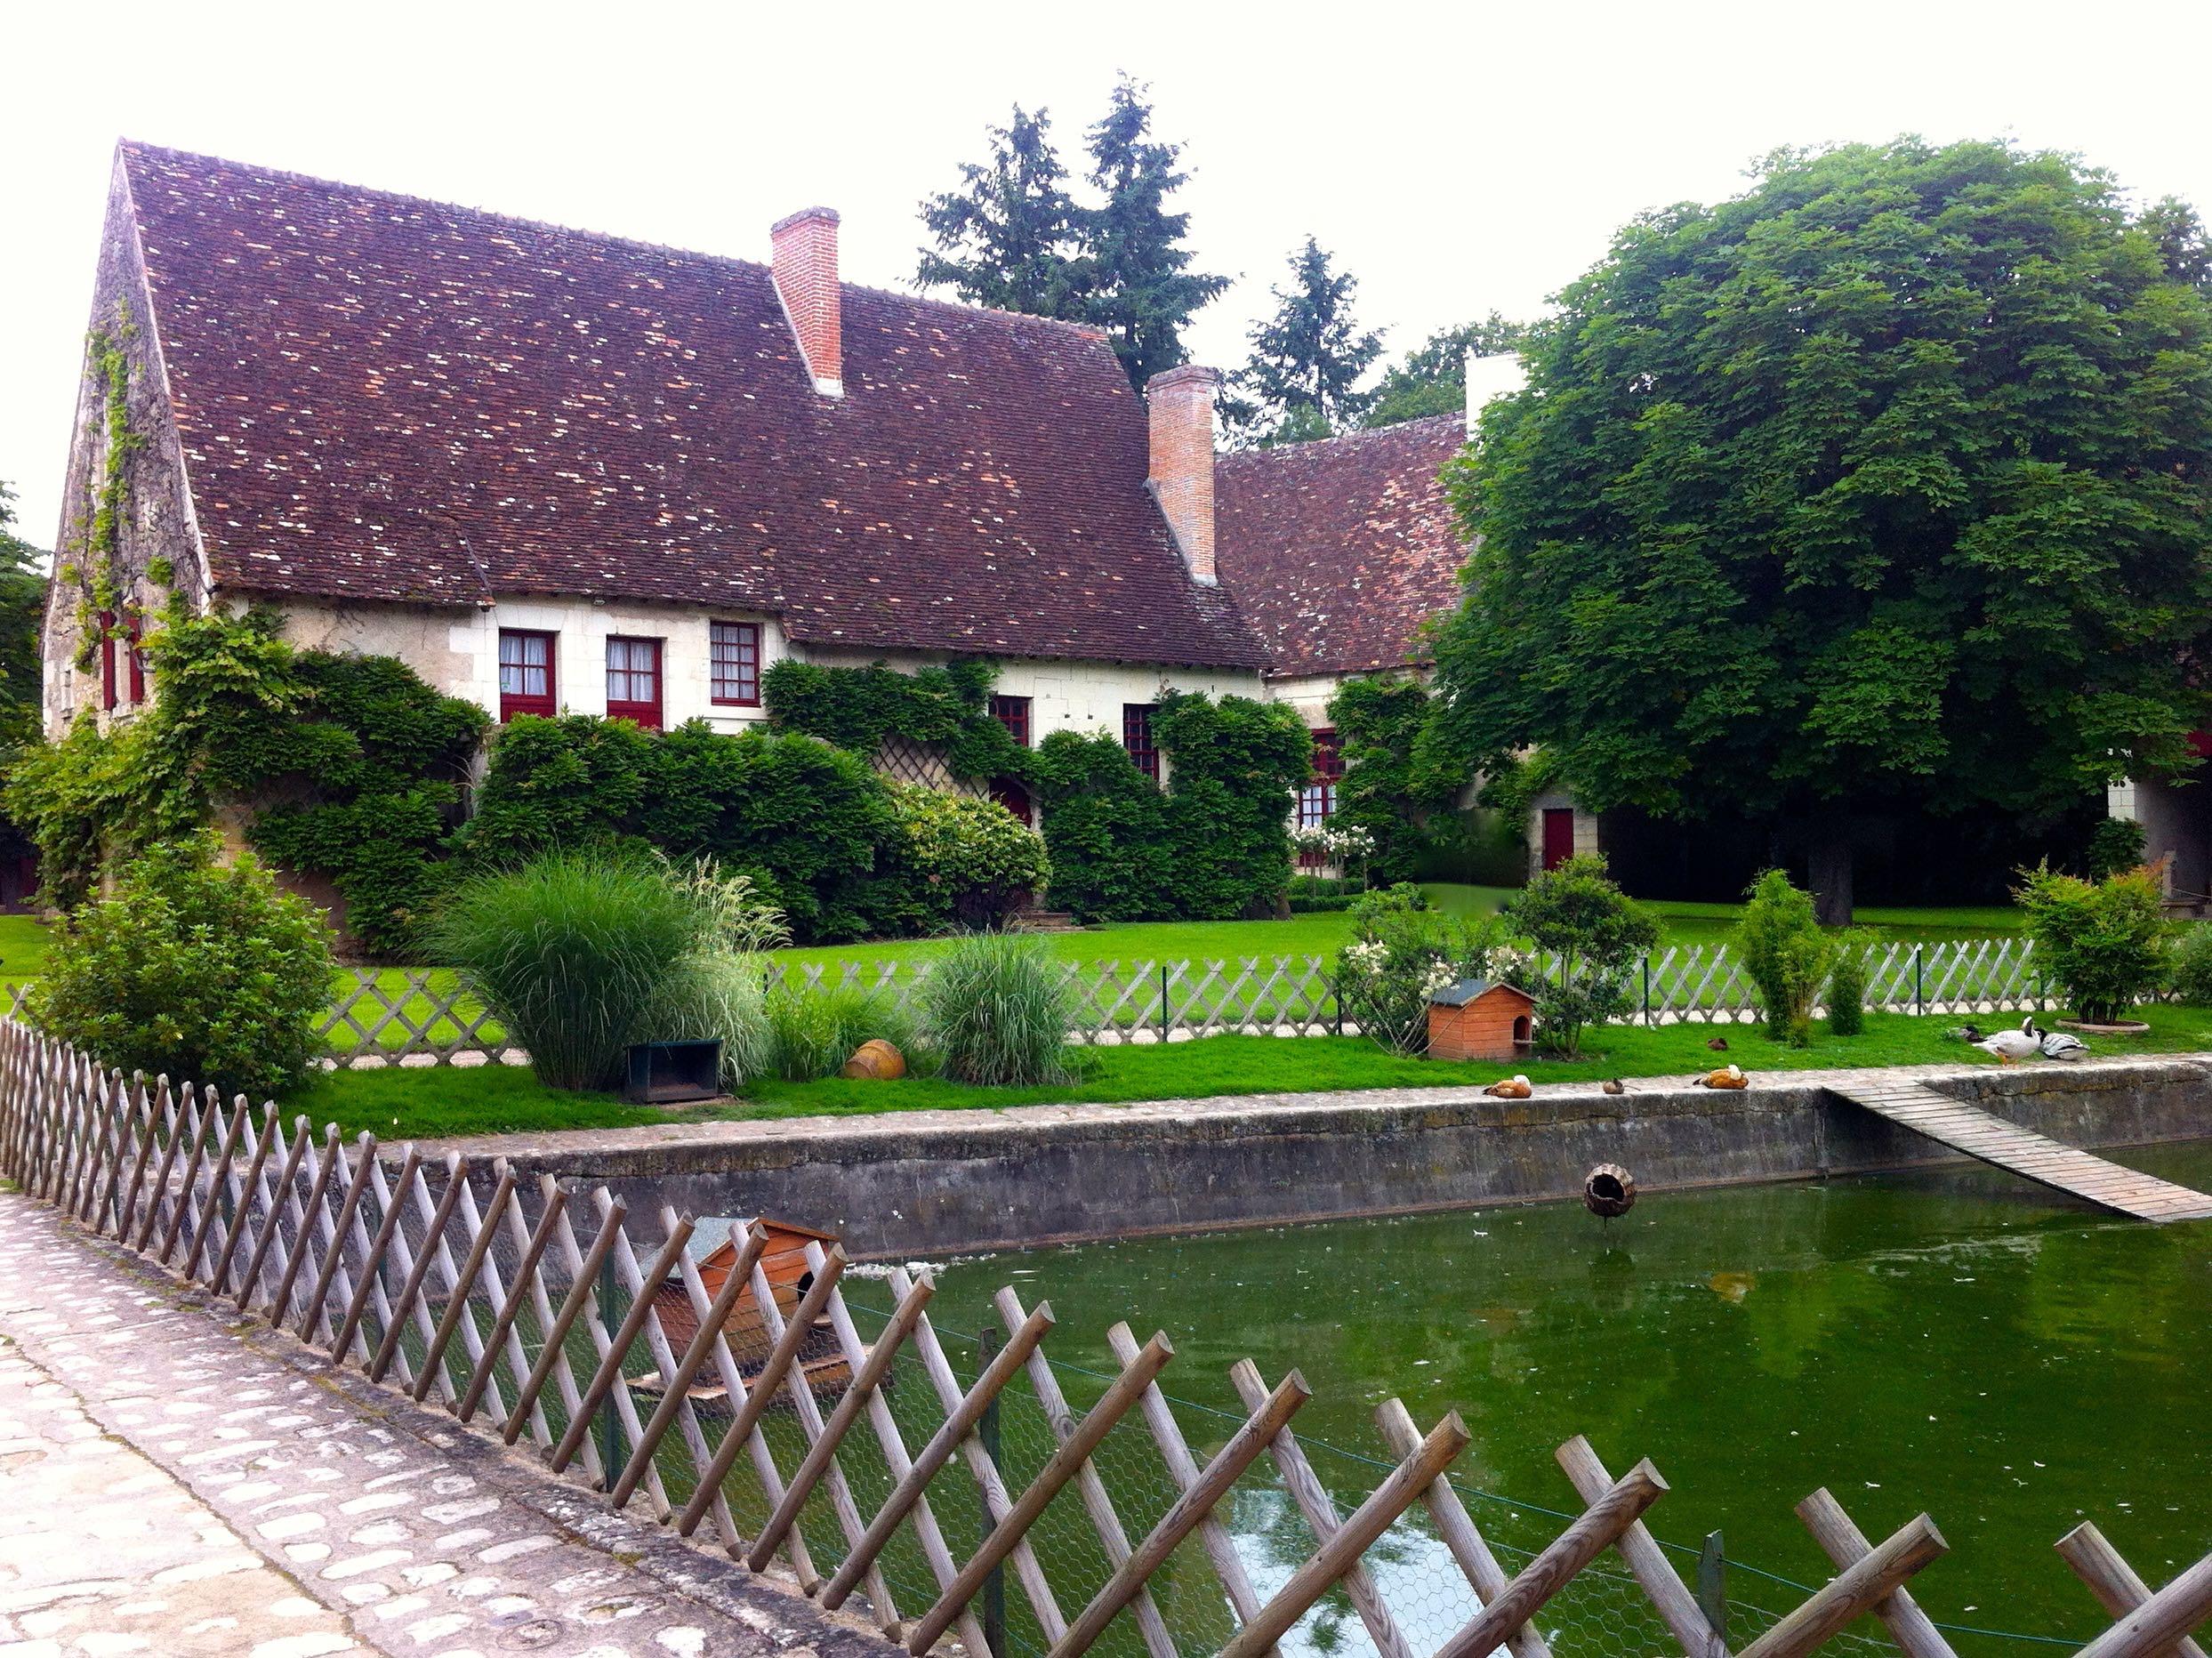 The 16th century farm buildings at chateau de chenonceau